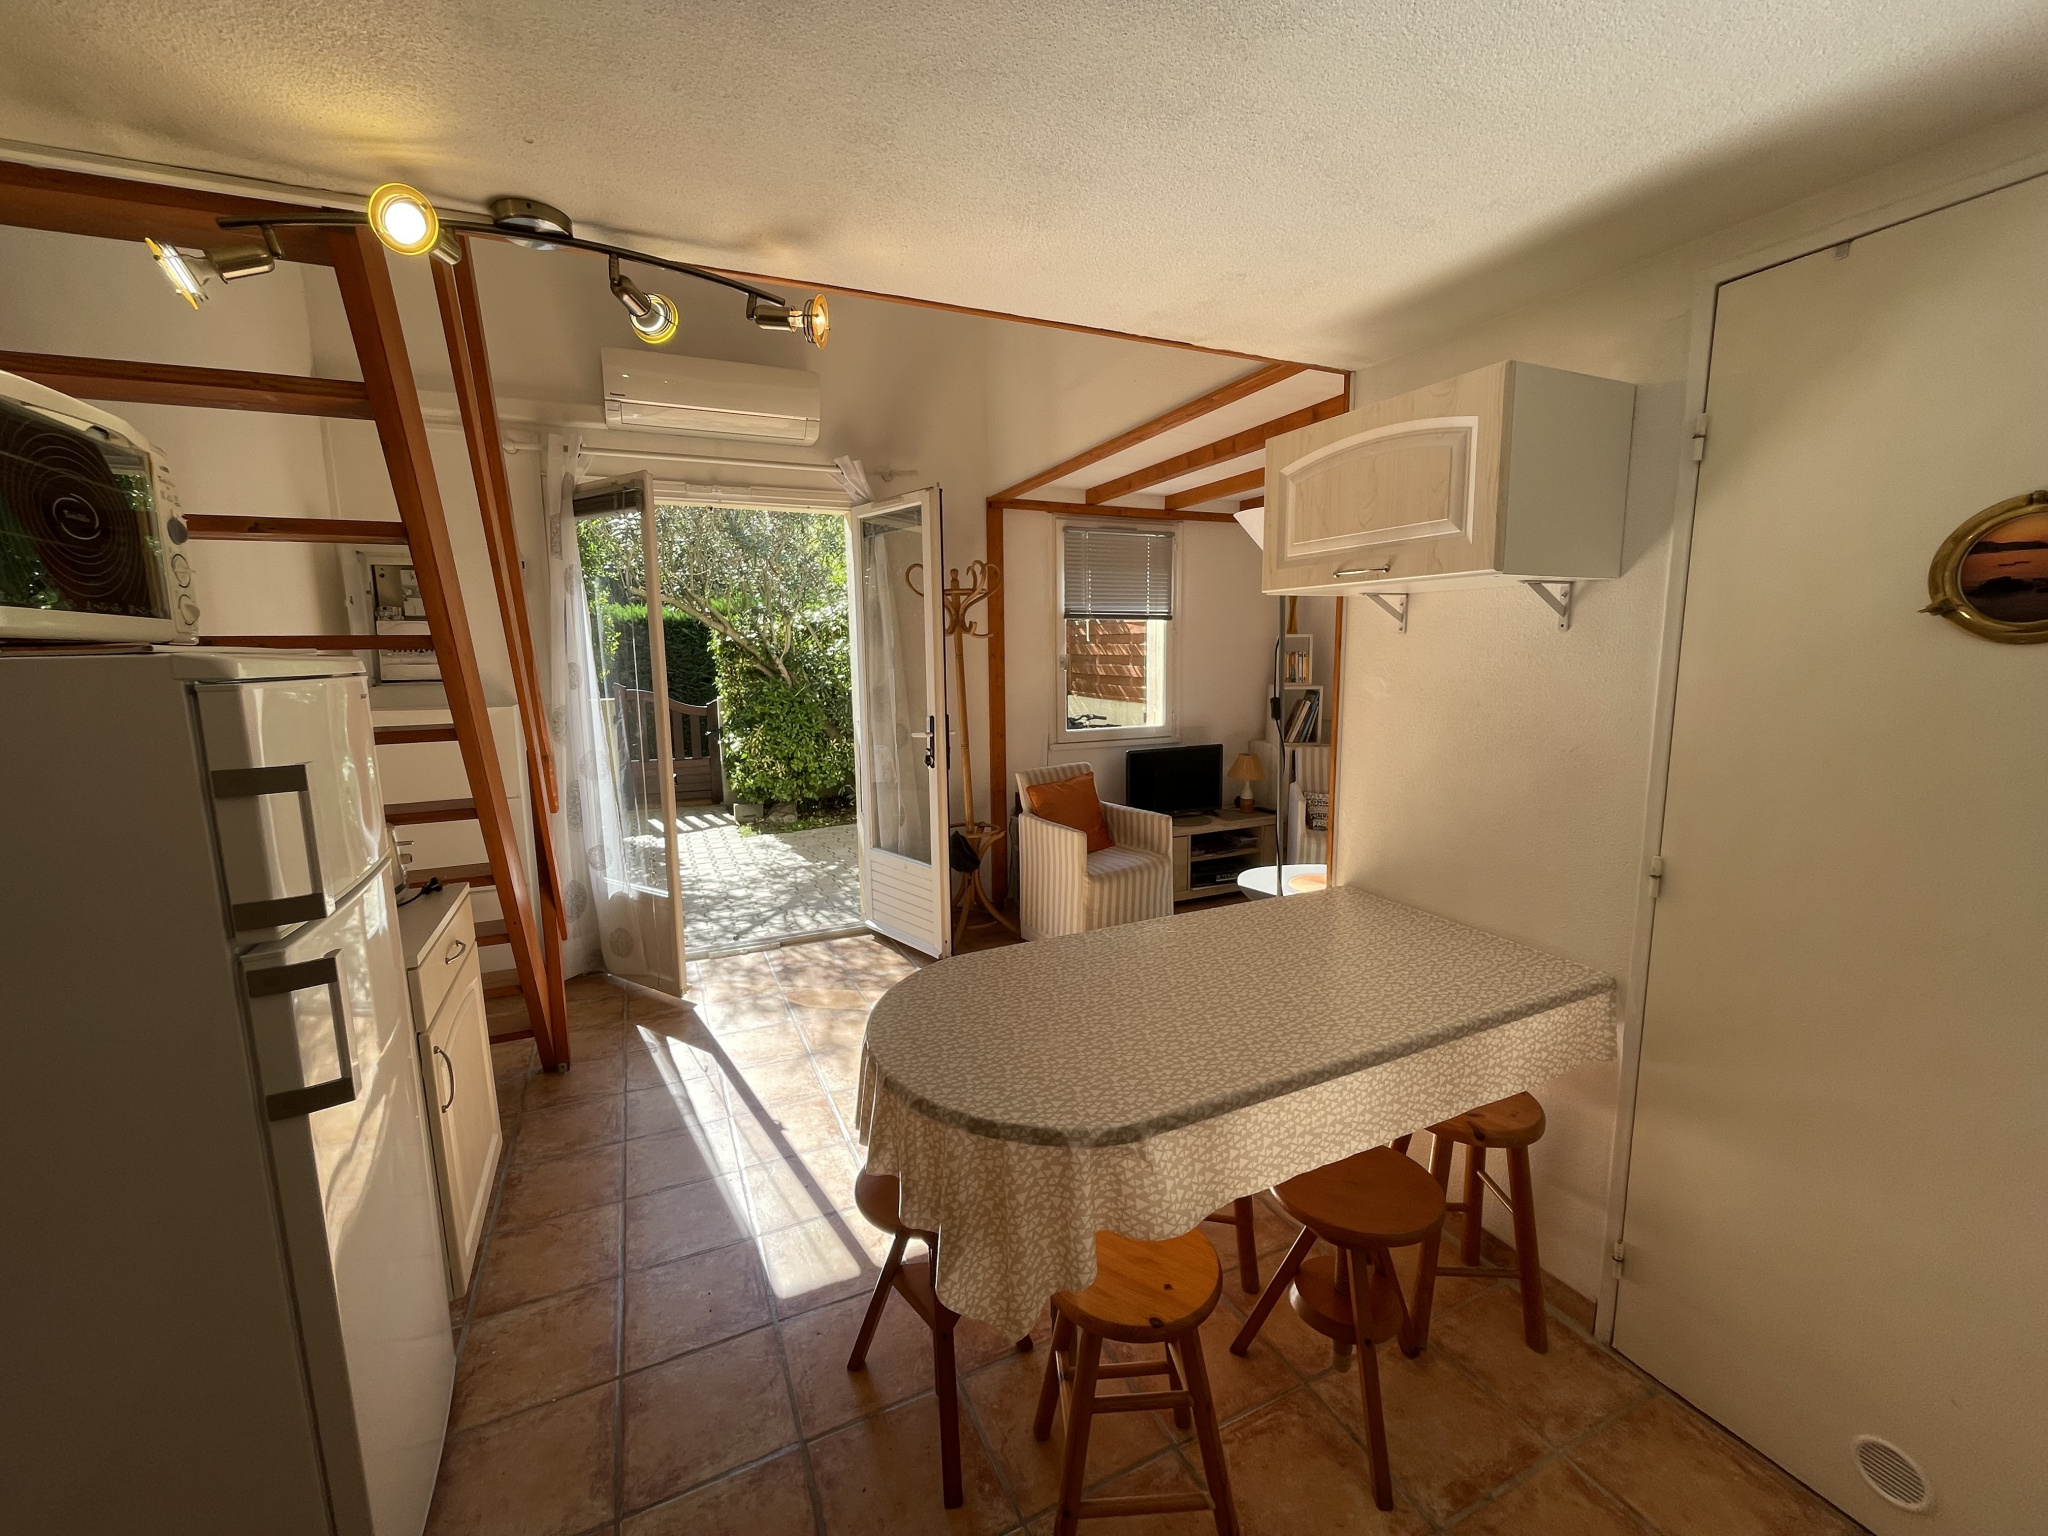 À vendre maison/villa de 44m2 à argeles plage (66700) - Photo 11'